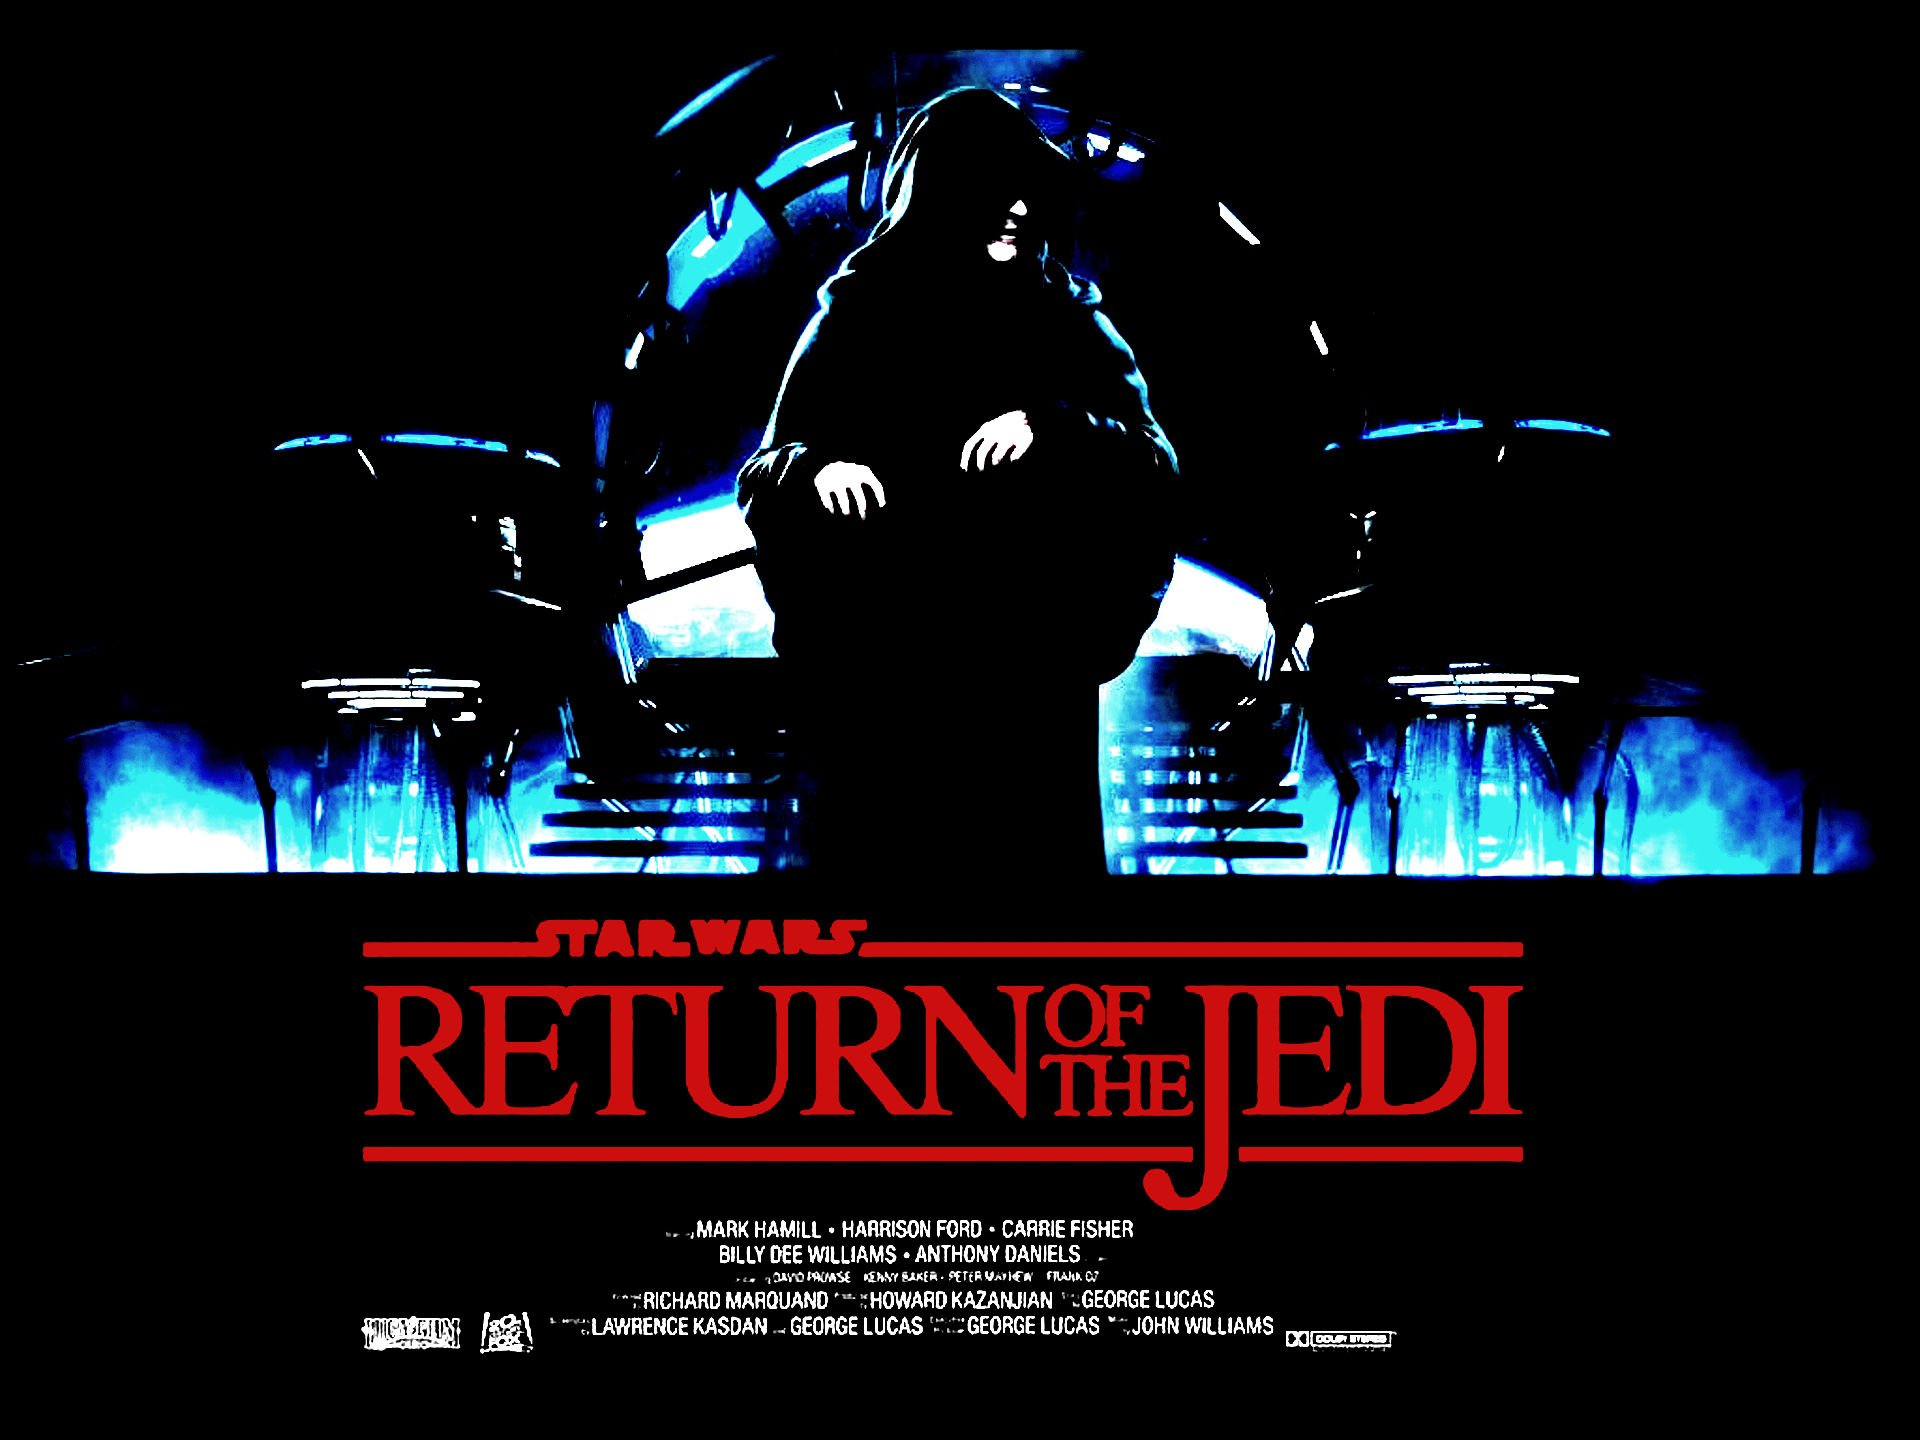 Star Wars Return Jedi Sci Fi Futuristic Movie Film 21 Wallpaper 1920x1440 255927 Wallpaperup